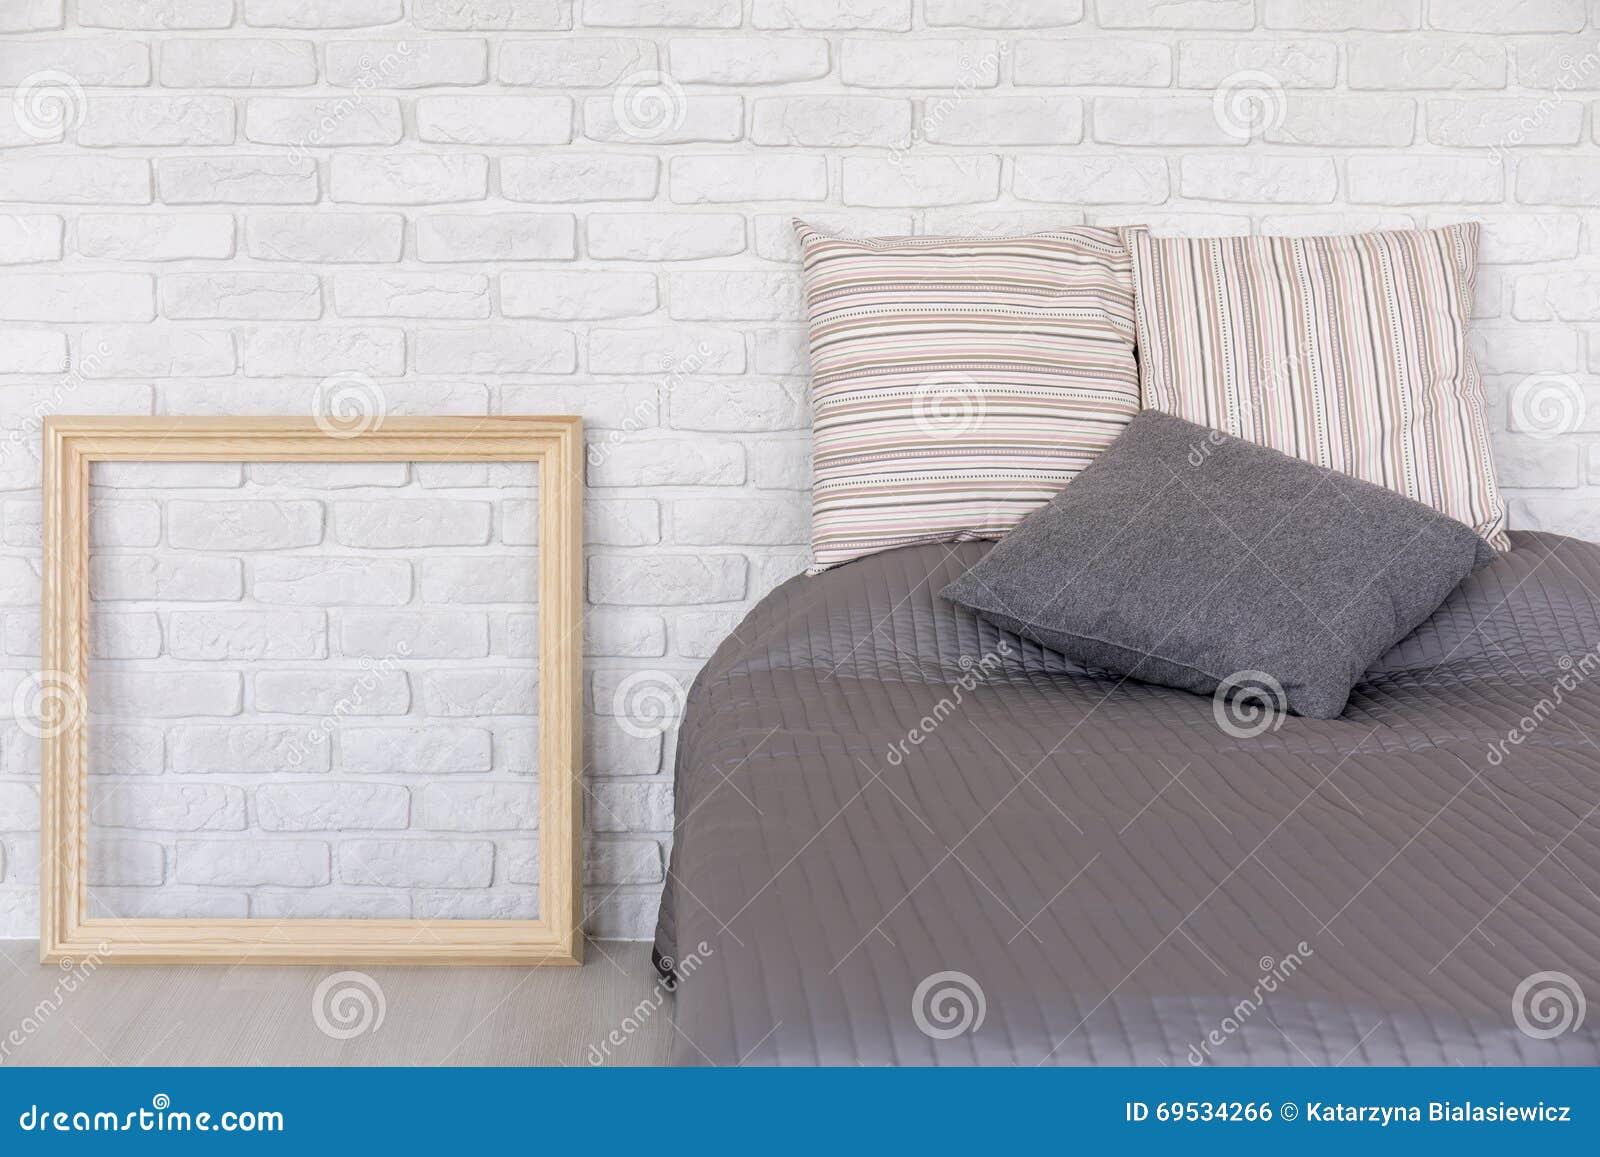 Decoratie Slaapkamer Muur : Modieuze slaapkamer met decoratieve bakstenen muur stock foto